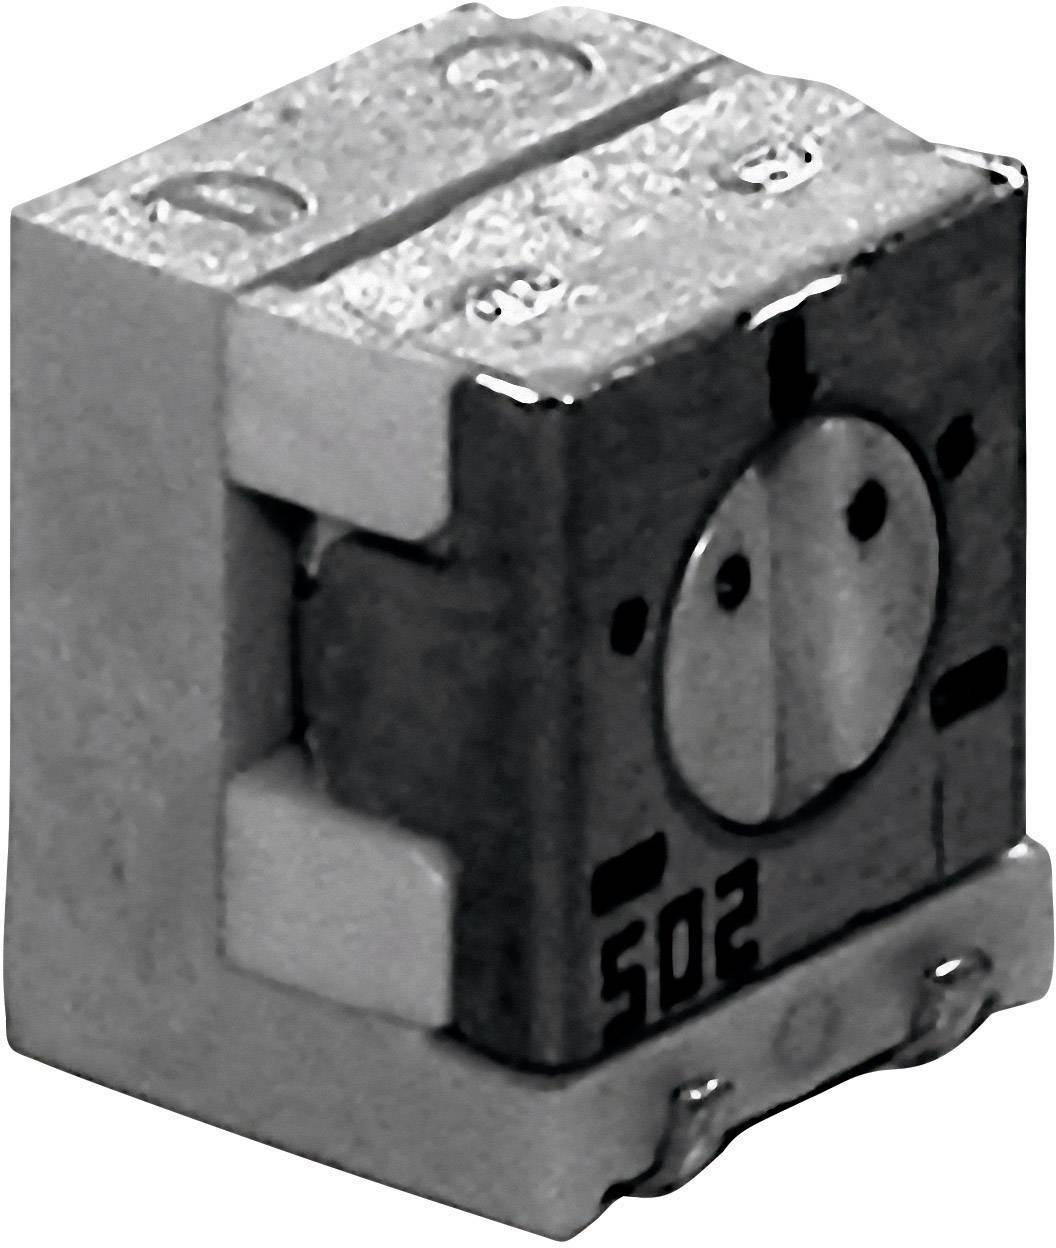 SMD trimr cermet TT Electro, ovl. boční, HC04, 2800587155, 1 kΩ, 0,25 W, ± 20 %